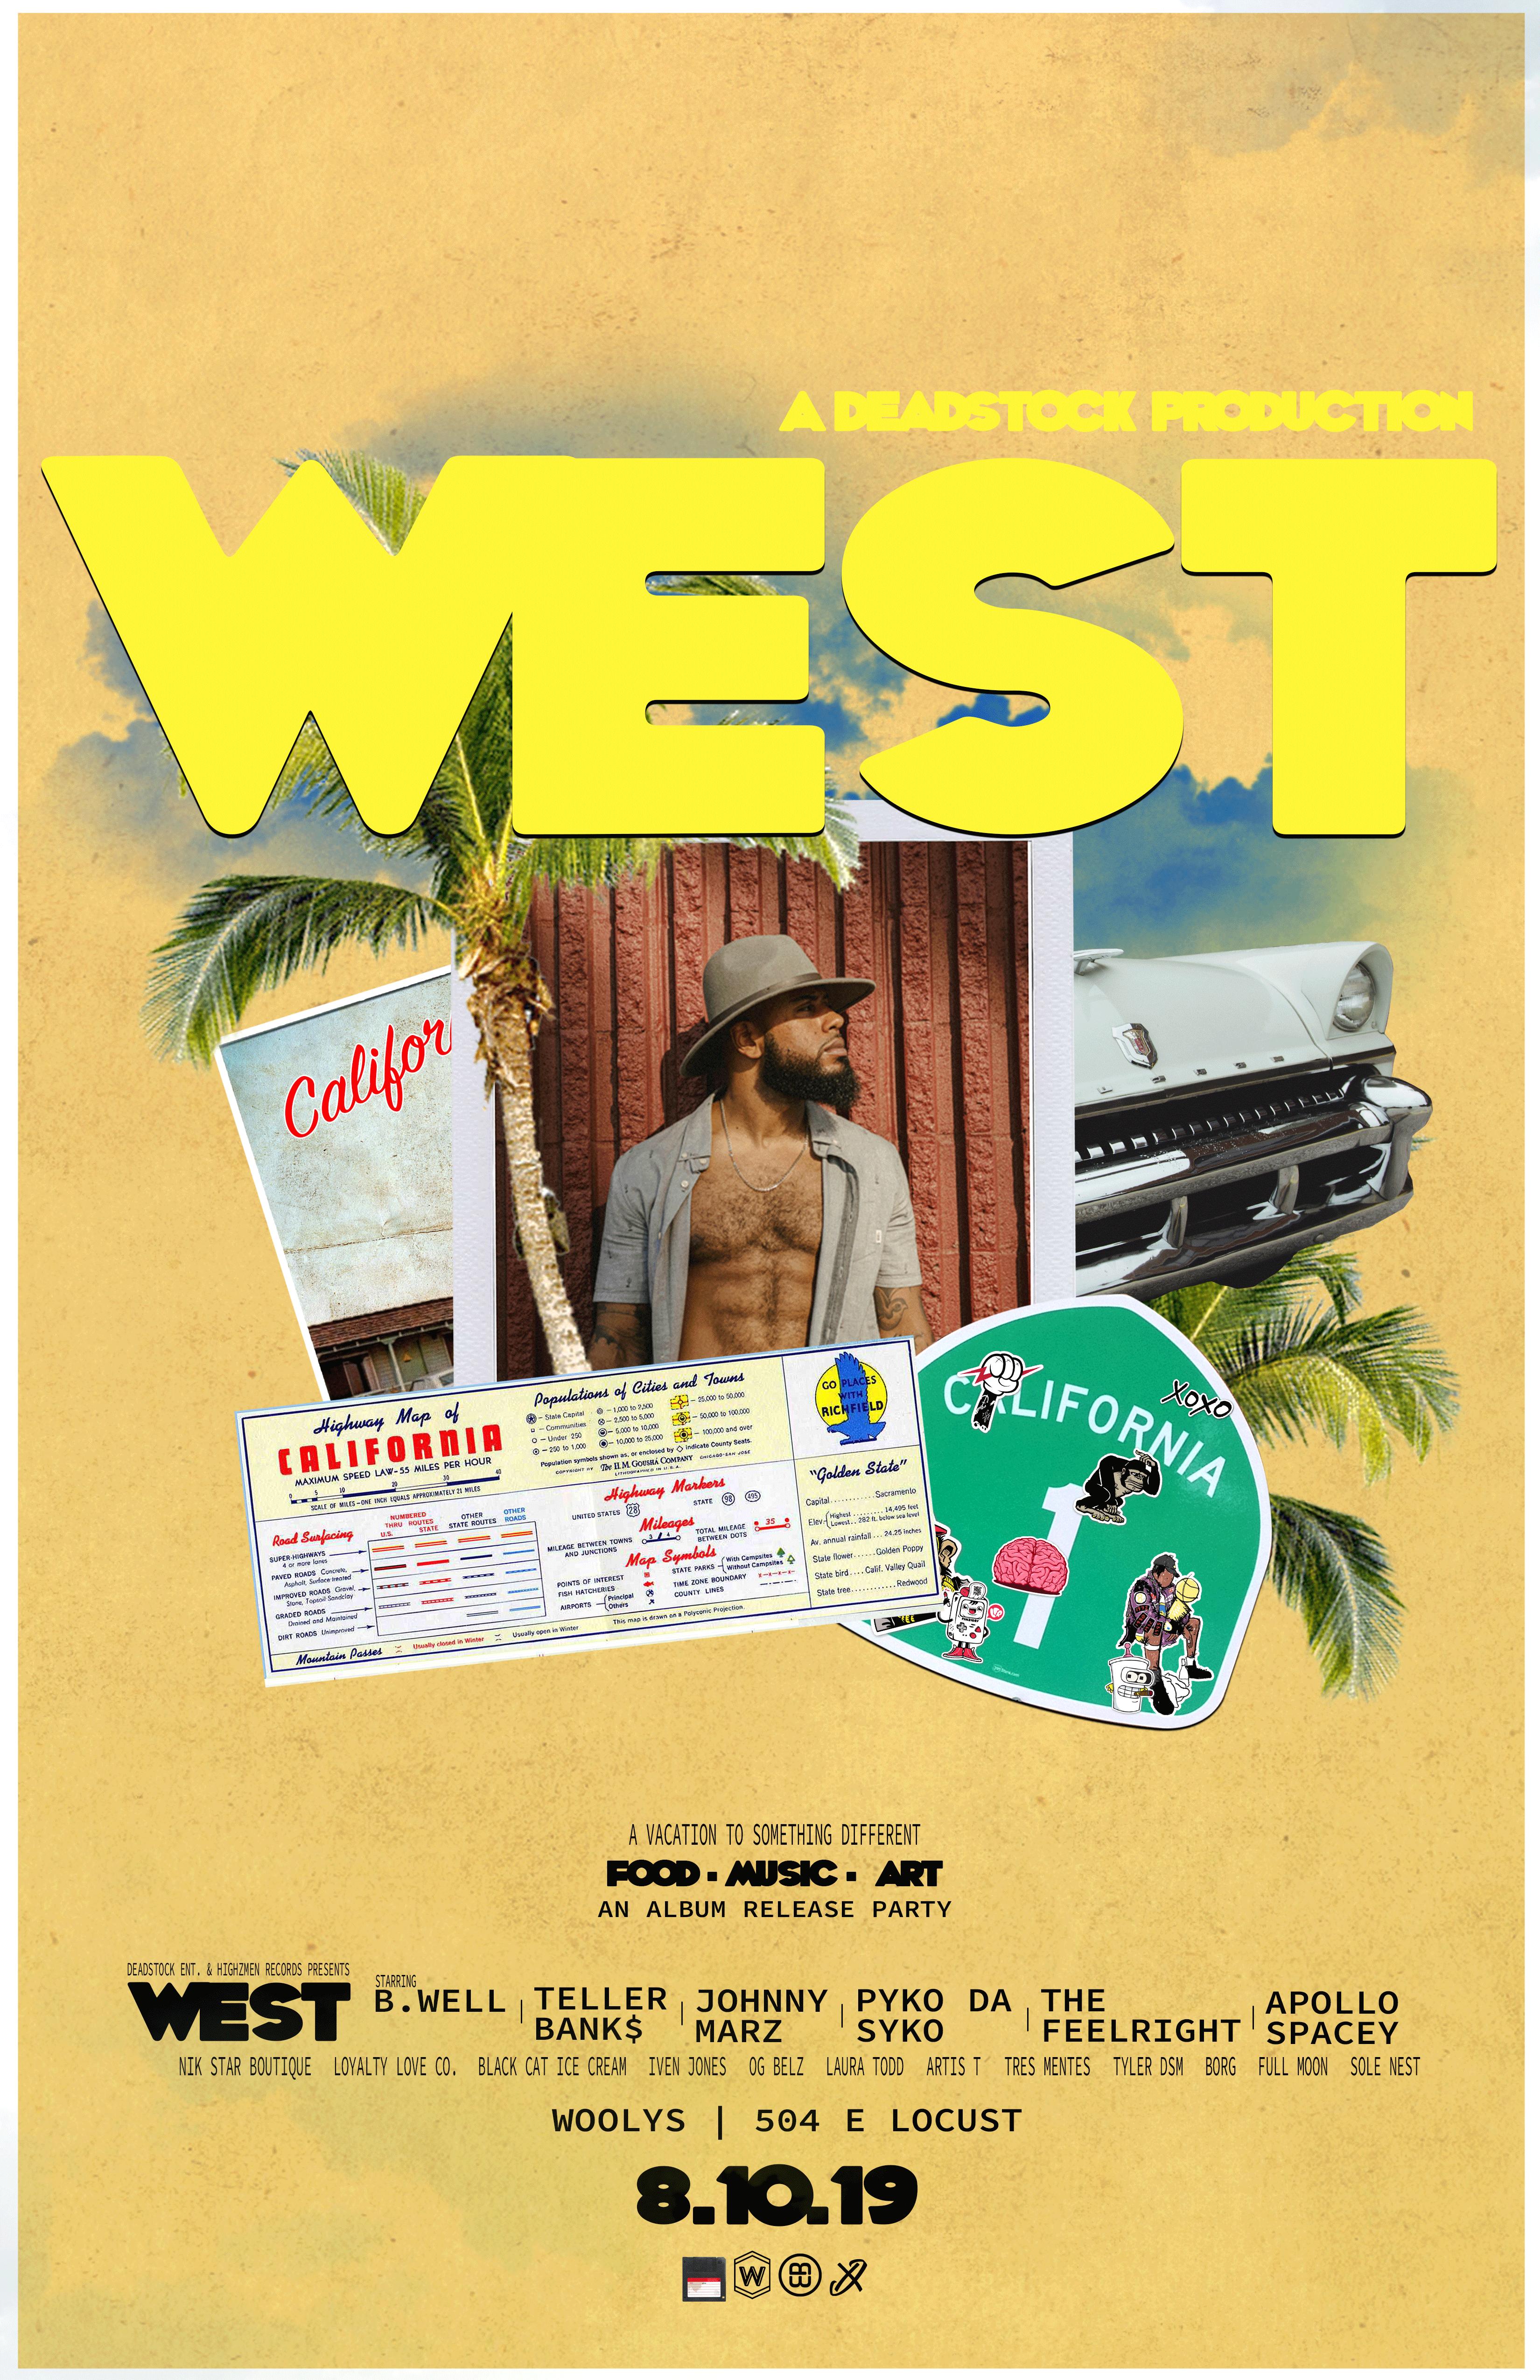 W.E.S.T Album Release